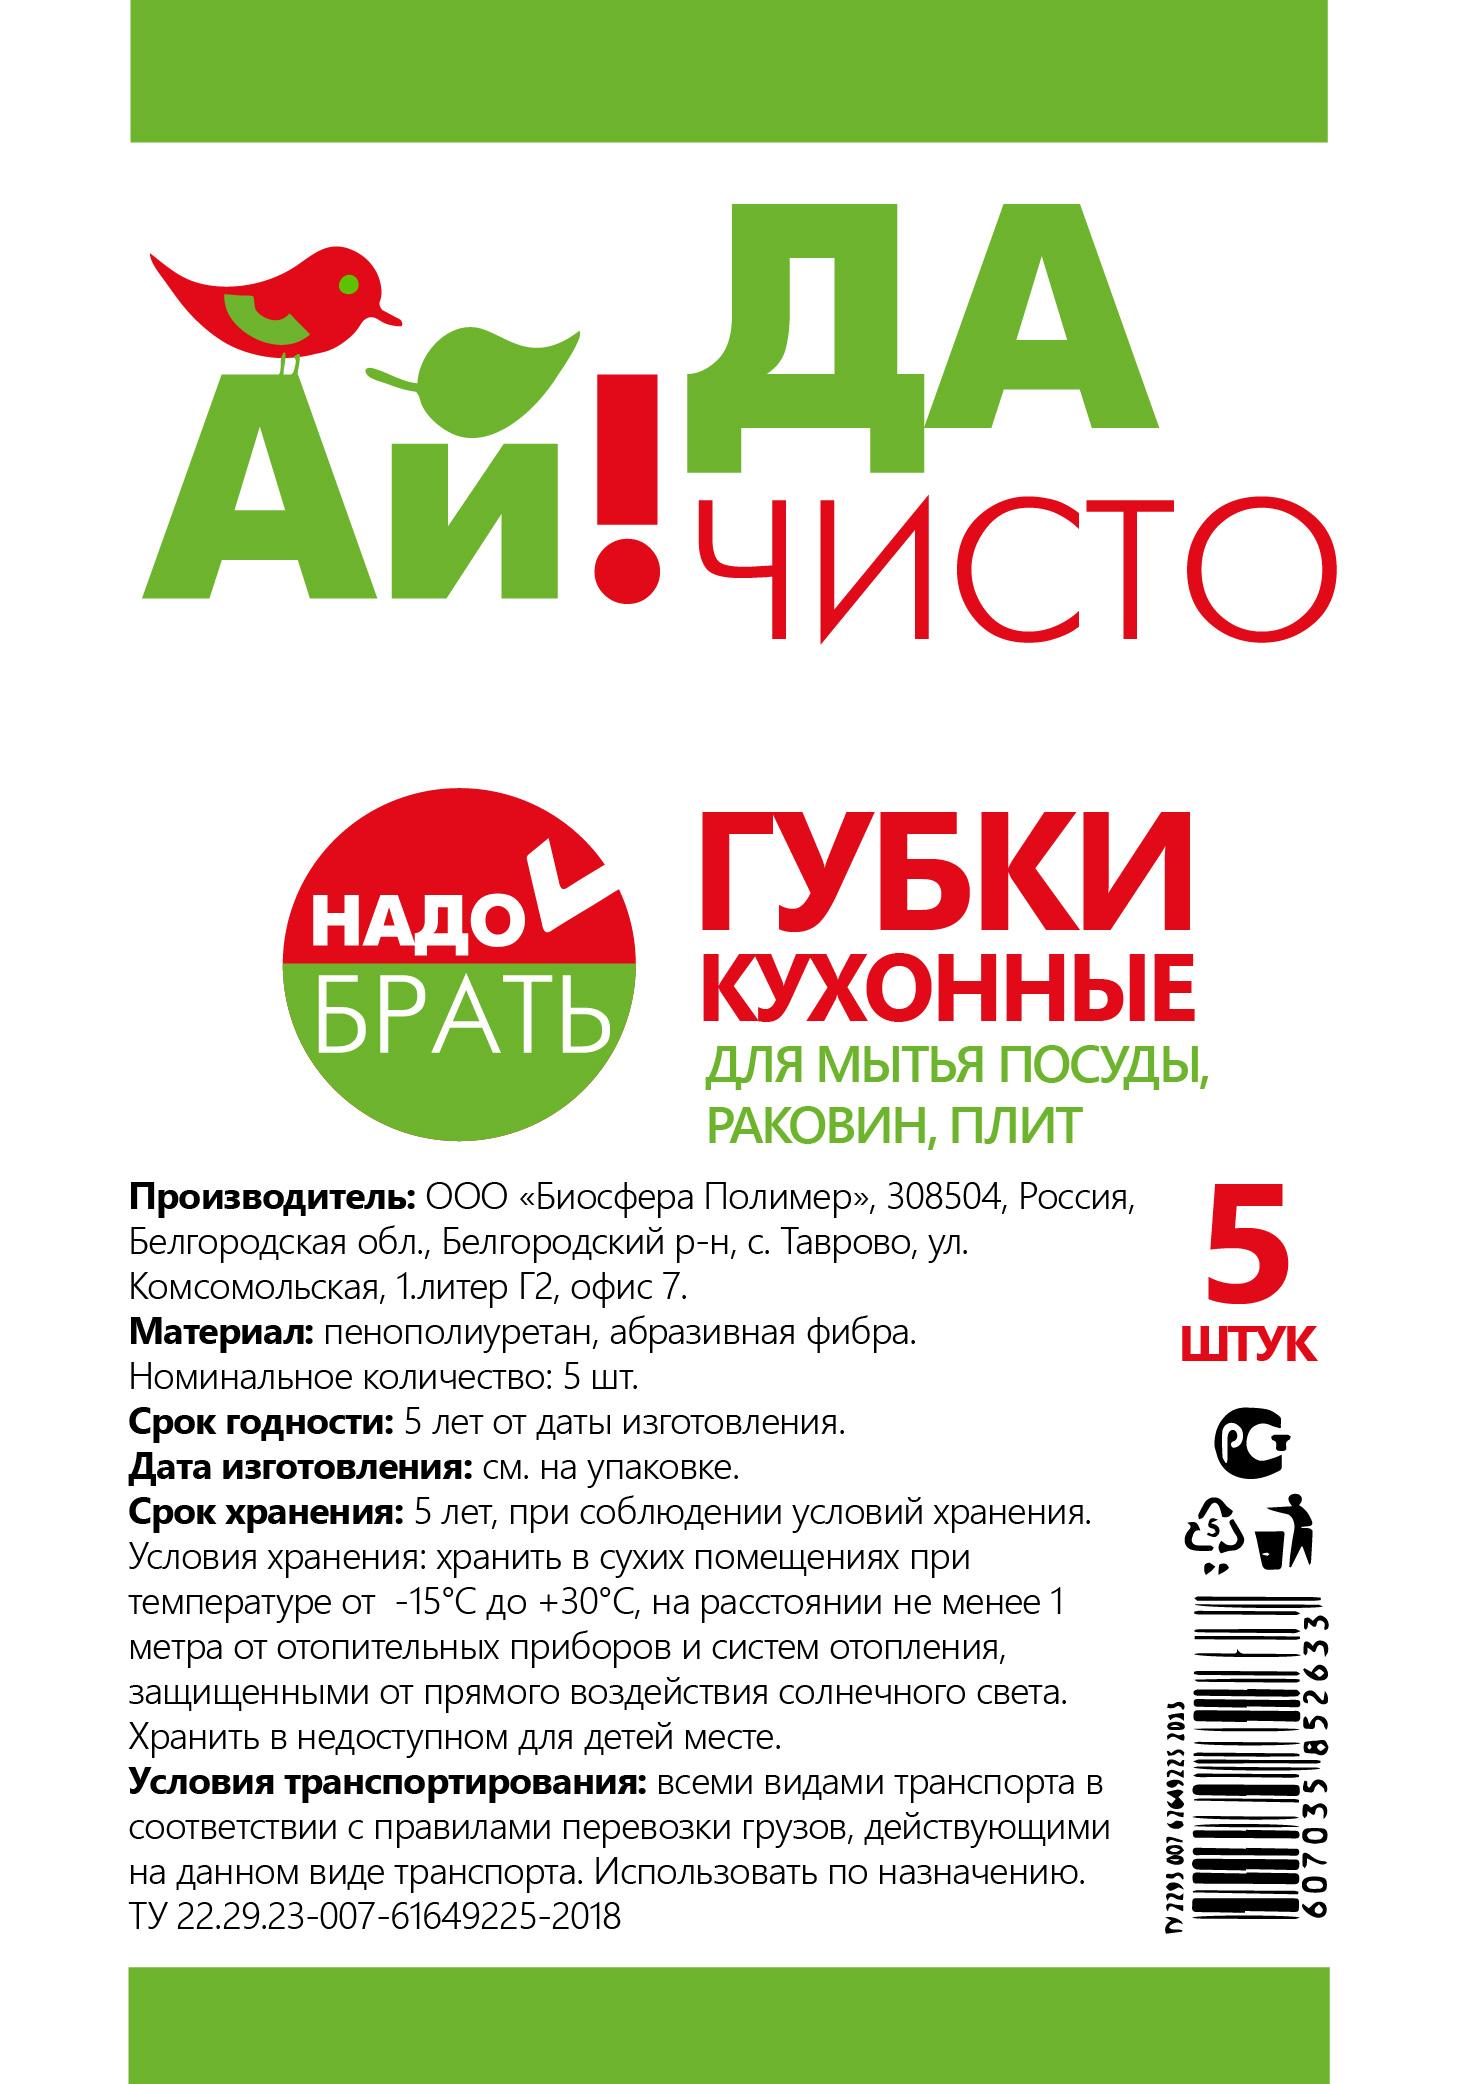 Дизайн логотипа и упаковки СТМ фото f_5255c605e921bd8a.jpg